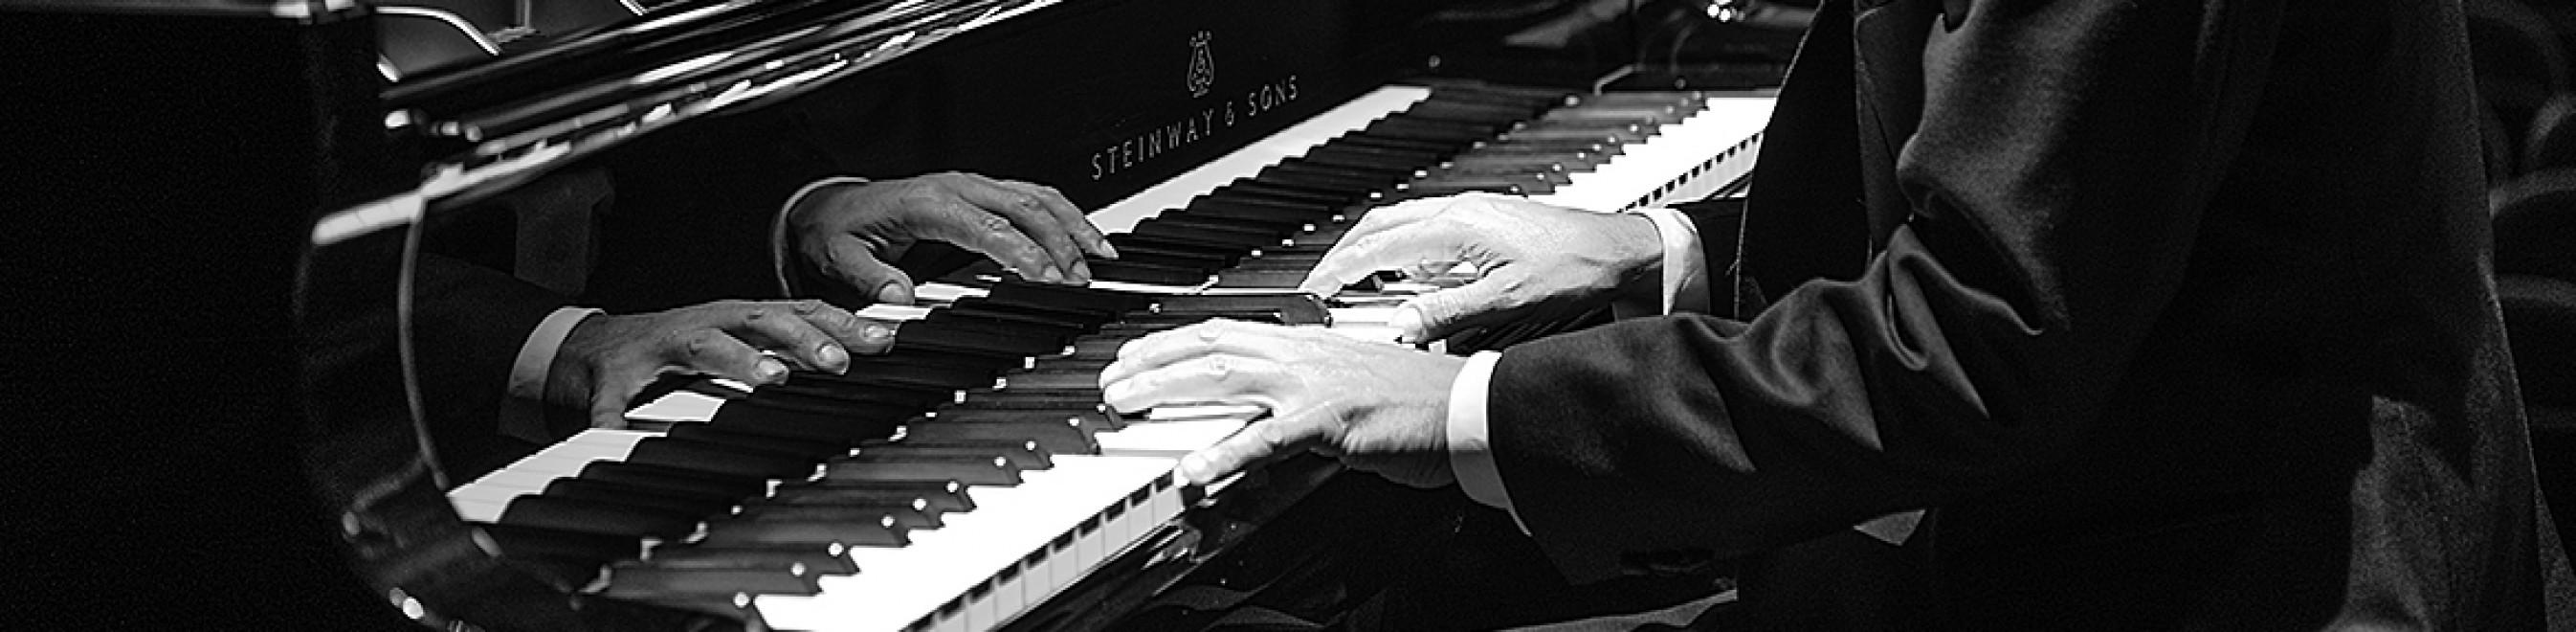 LORENZO DI BELLA pianoforte